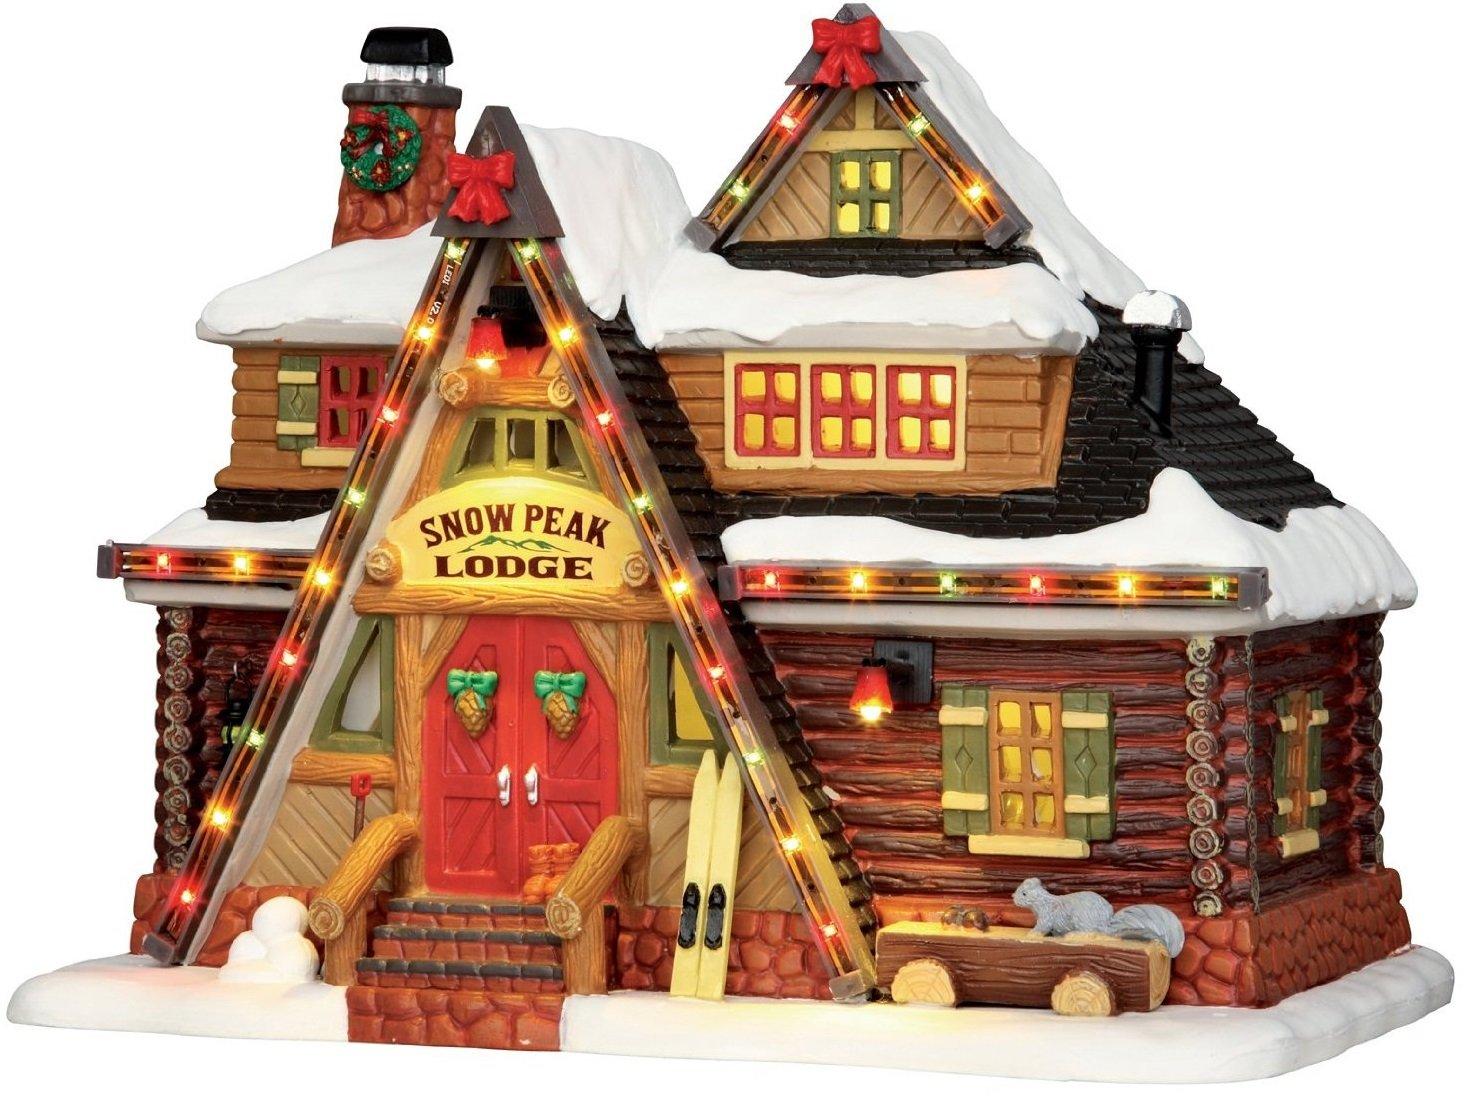 Lemax - Snow Peak Lodge - Bunt beleuchtete Hütte - 22,50cmx17,50cmx14,50cm - 4,5V   Adapter - Christmas Village - Weihnachtsdorf